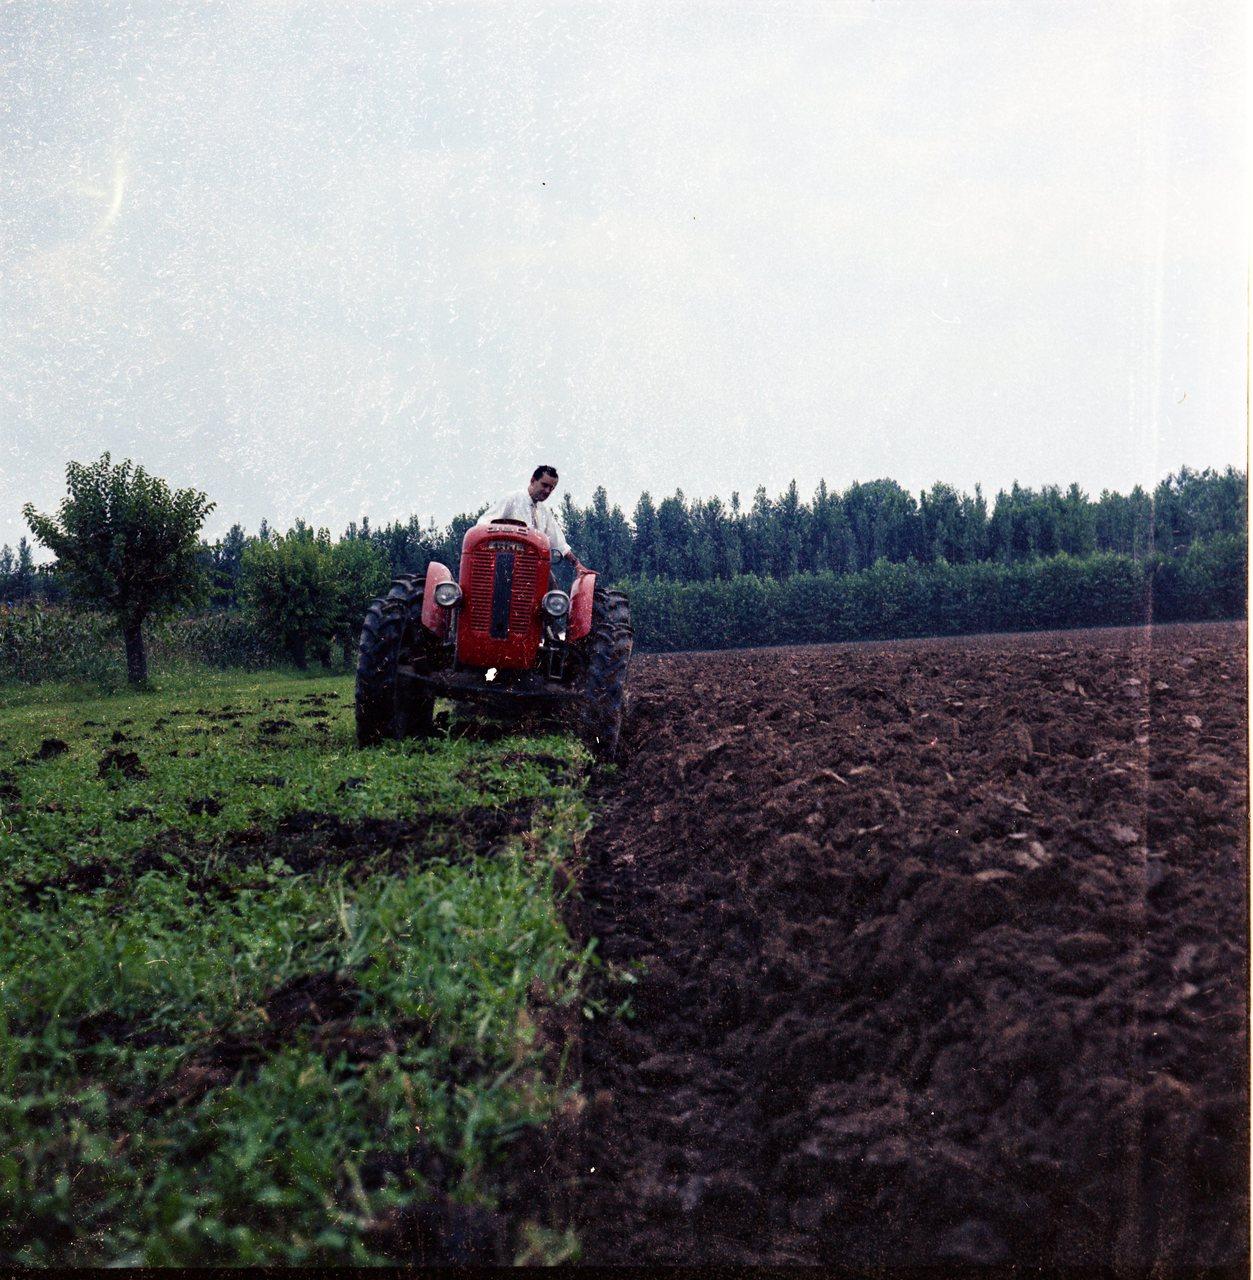 [SAME] trattore 360 al lavoro con aratro